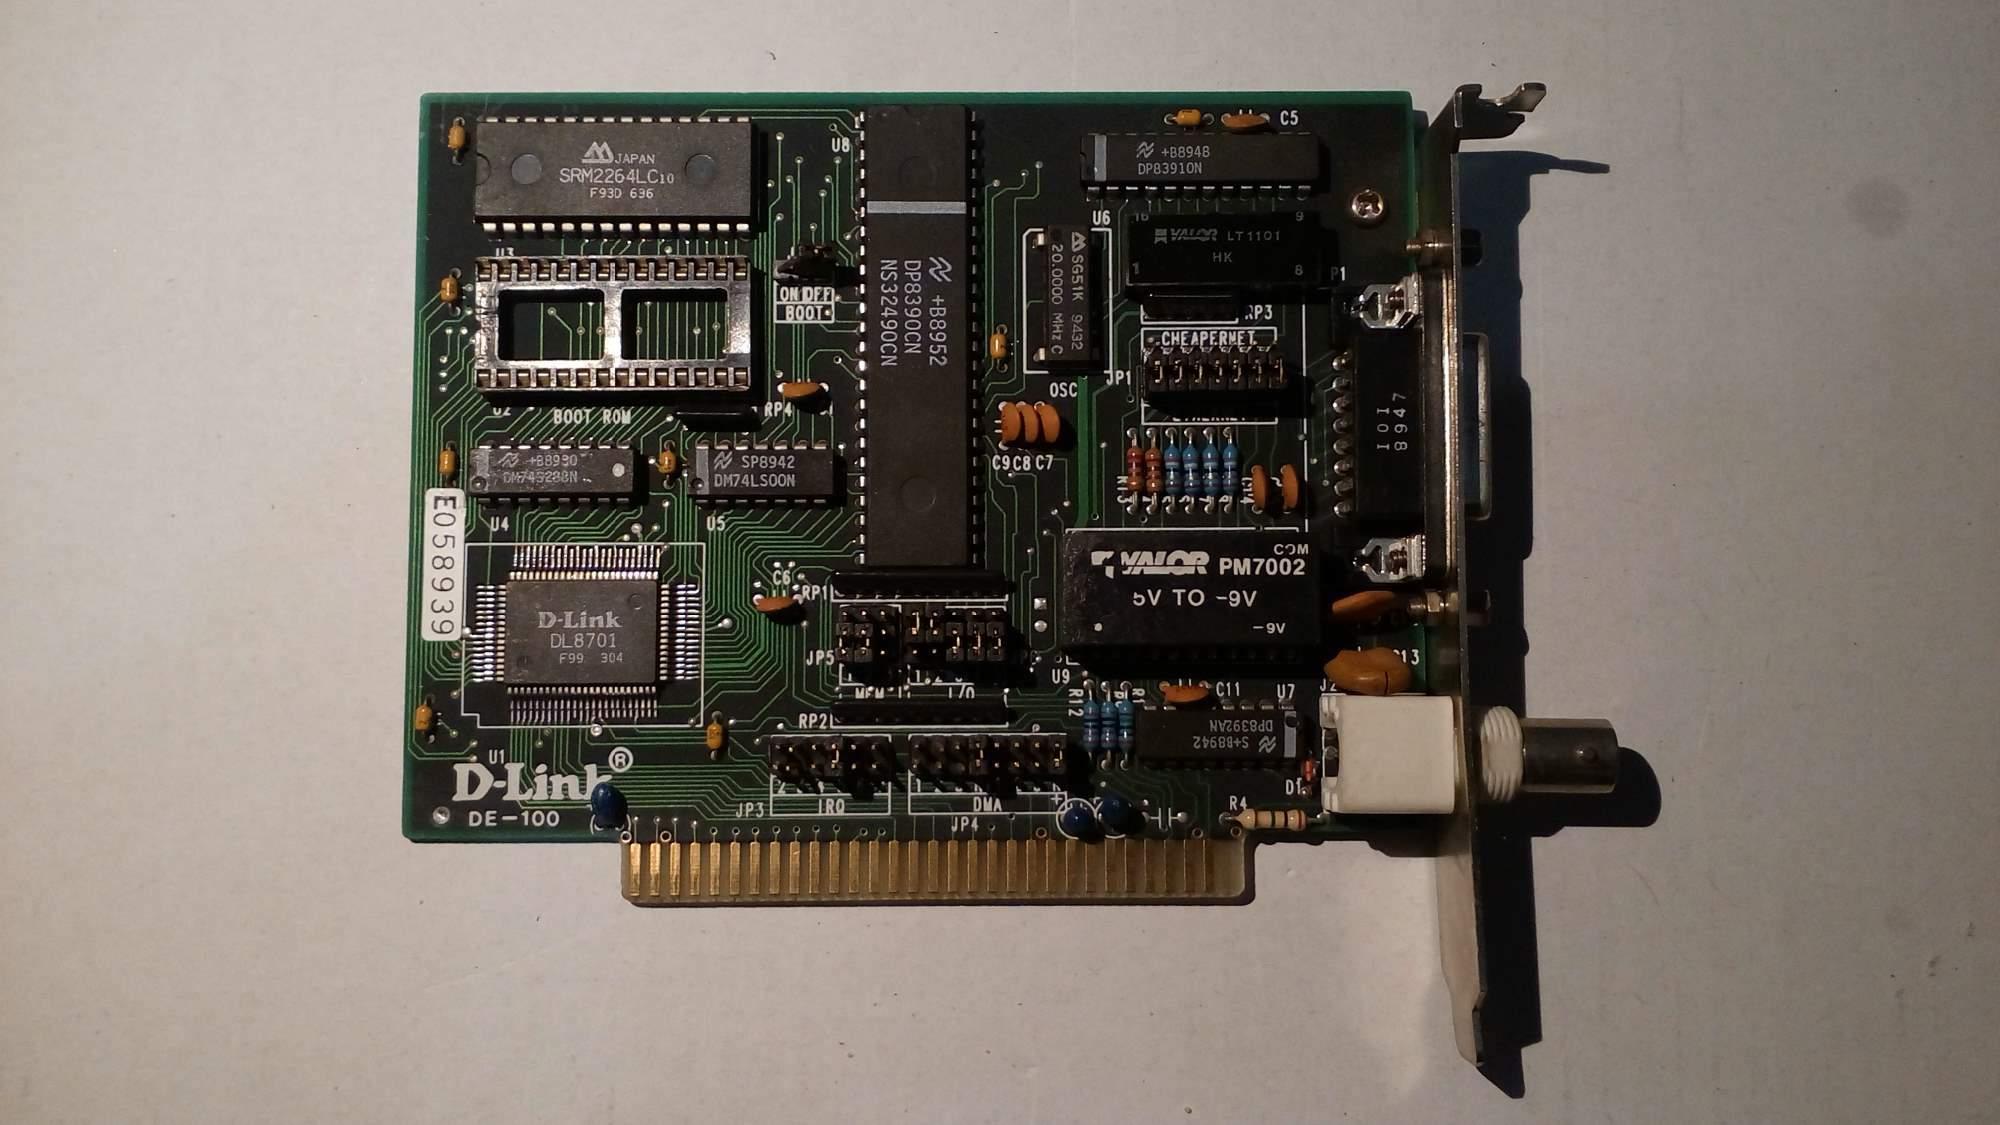 D-LINK DE-100